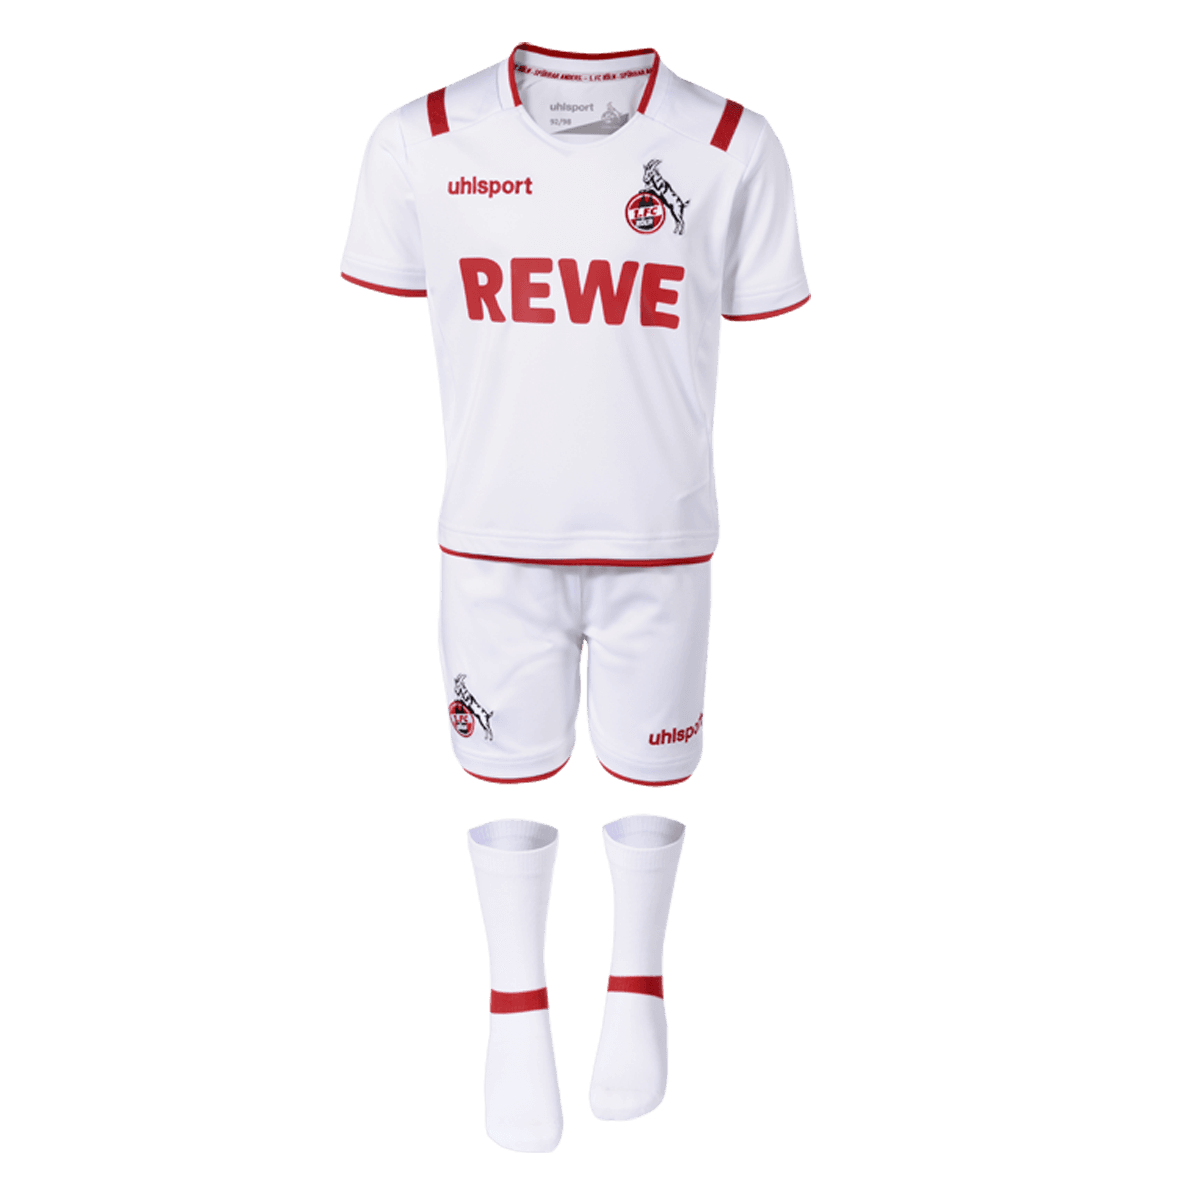 uhlsport 1 FC Köln Mini-Kit 2019//20 Kinder Trikotset weiß 1003516011948